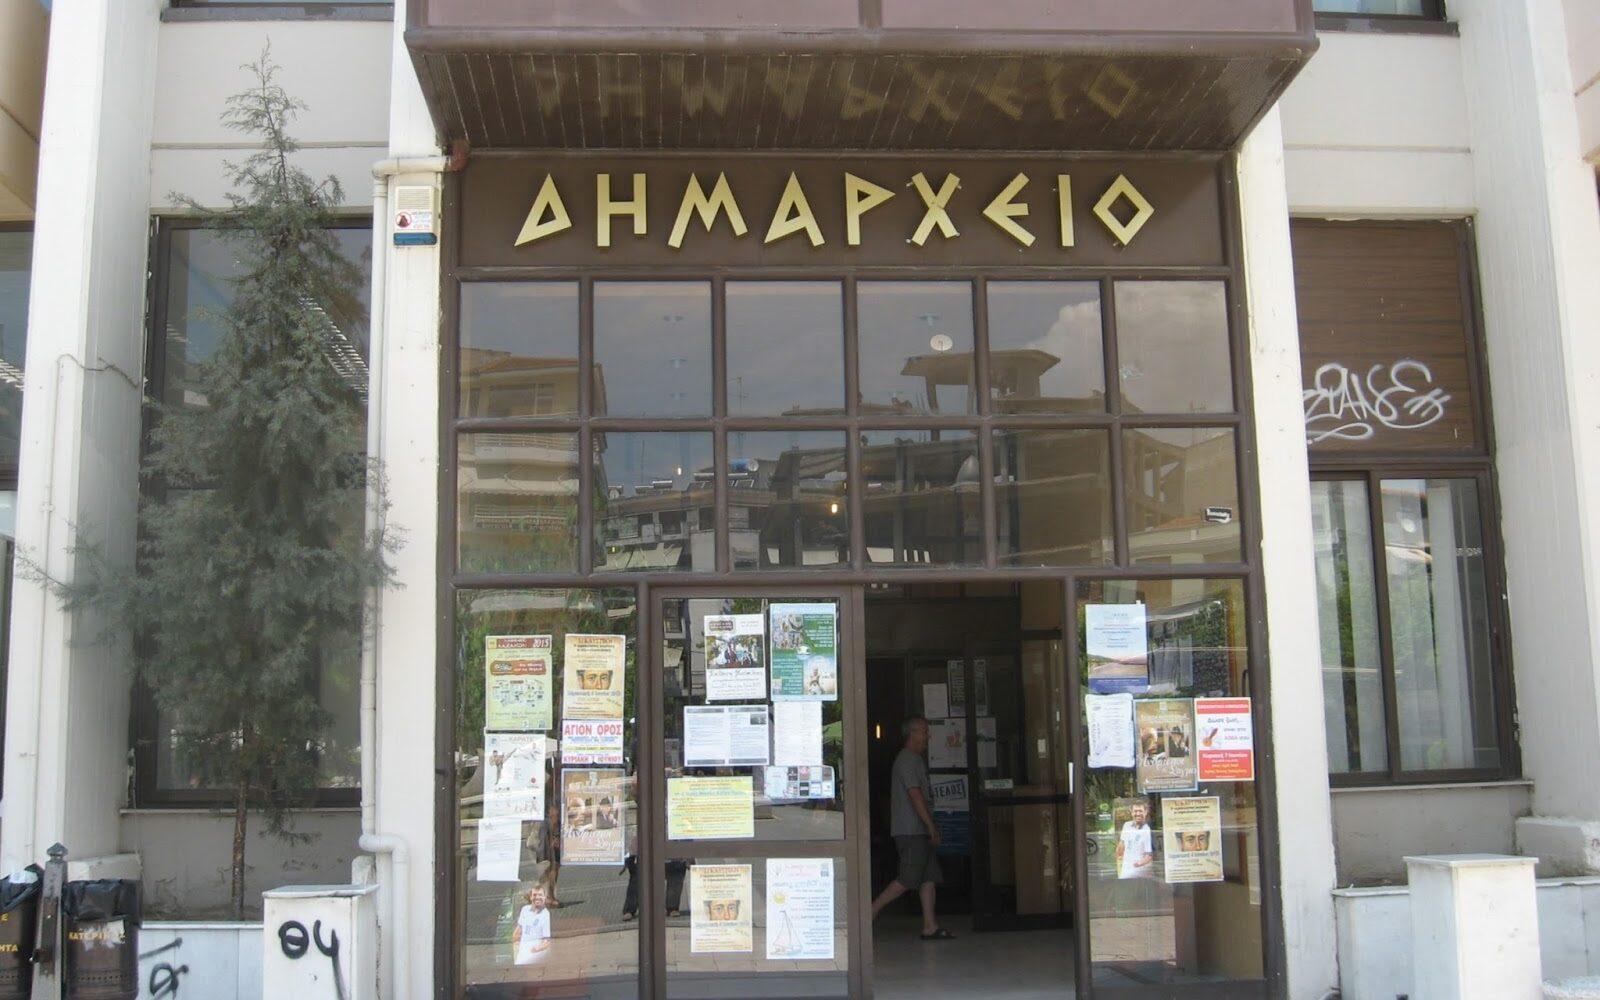 ΣΥΡΙΖΑ για Δήμο Κατερίνης: «Θα μπορούσαν να είχαν αποφευχθεί  κακές επιλογές και λάθη»